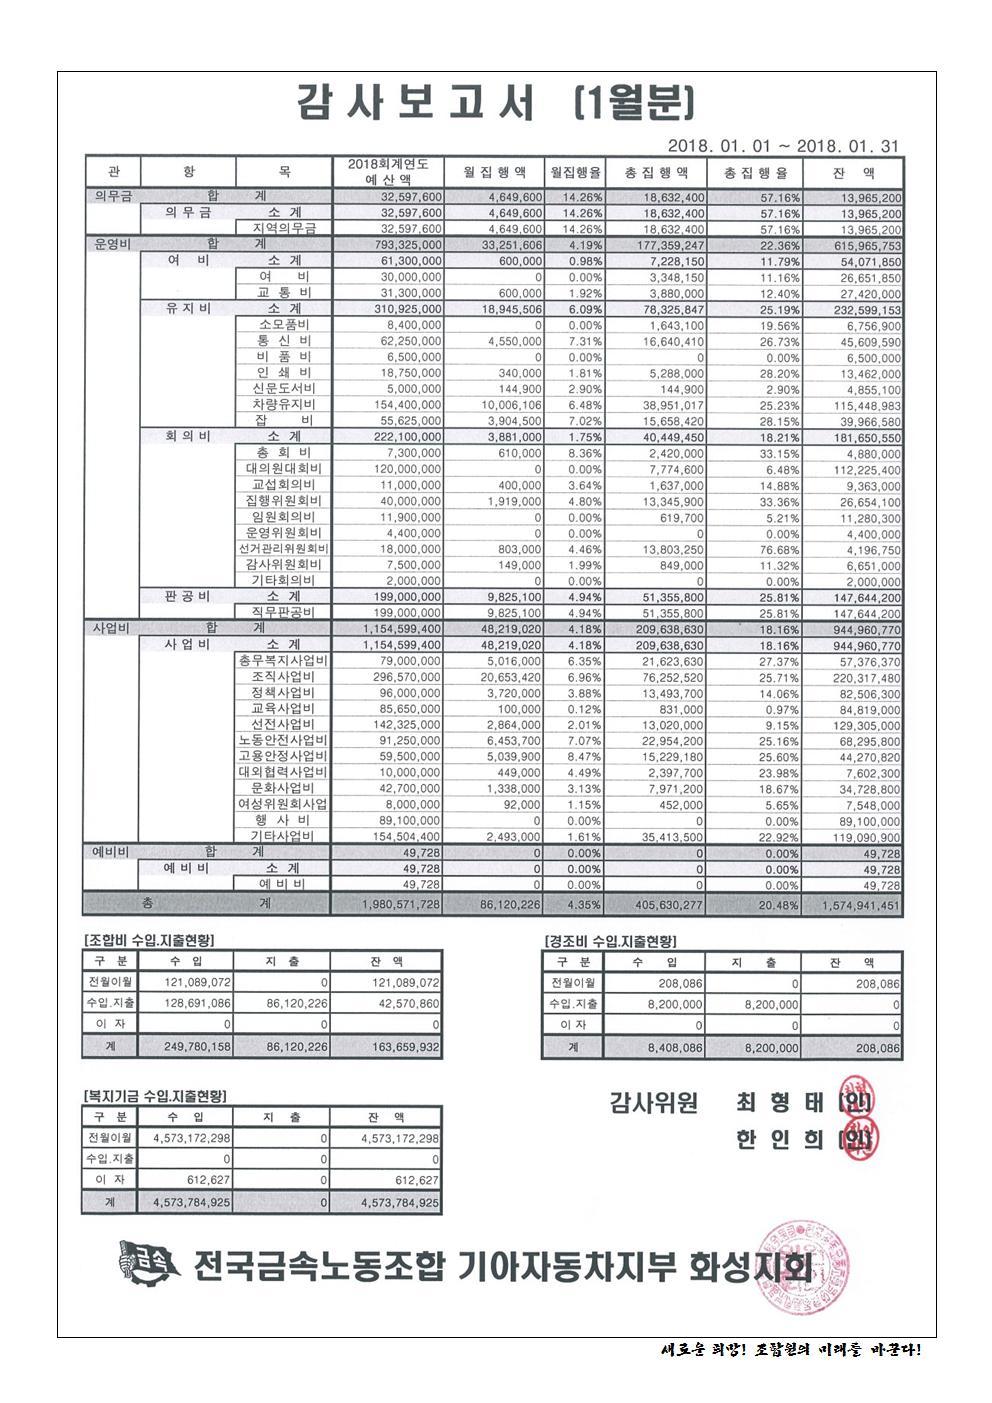 함성소식 25-29002.jpg